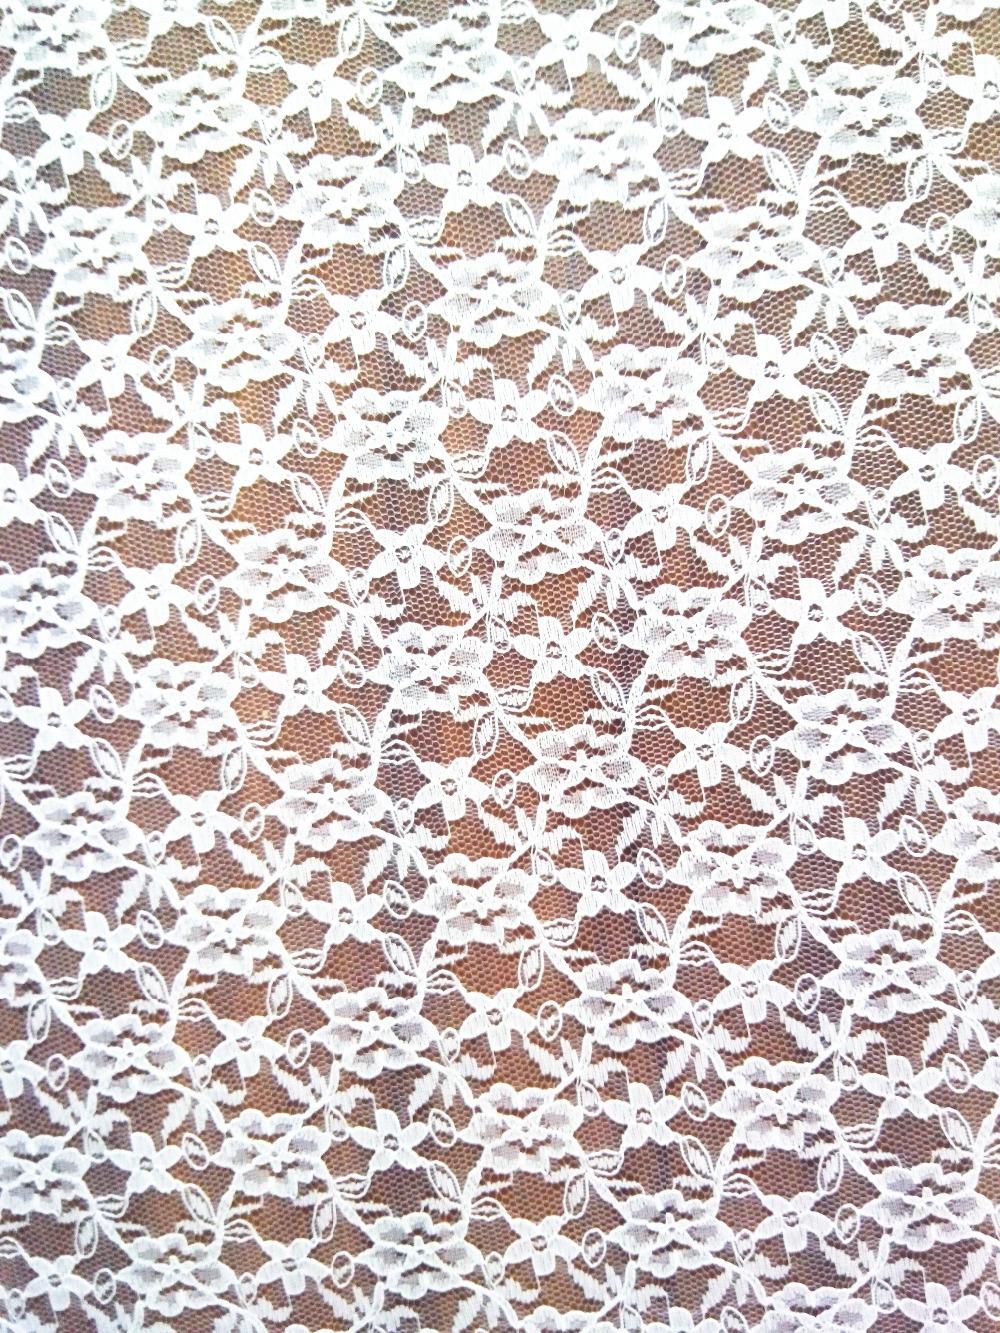 Кружева ширина ткани 59 дюйм(ов) сетки ткани для пачки свадьба событие ну вечеринку ремесло фавор украшения поставку продукции